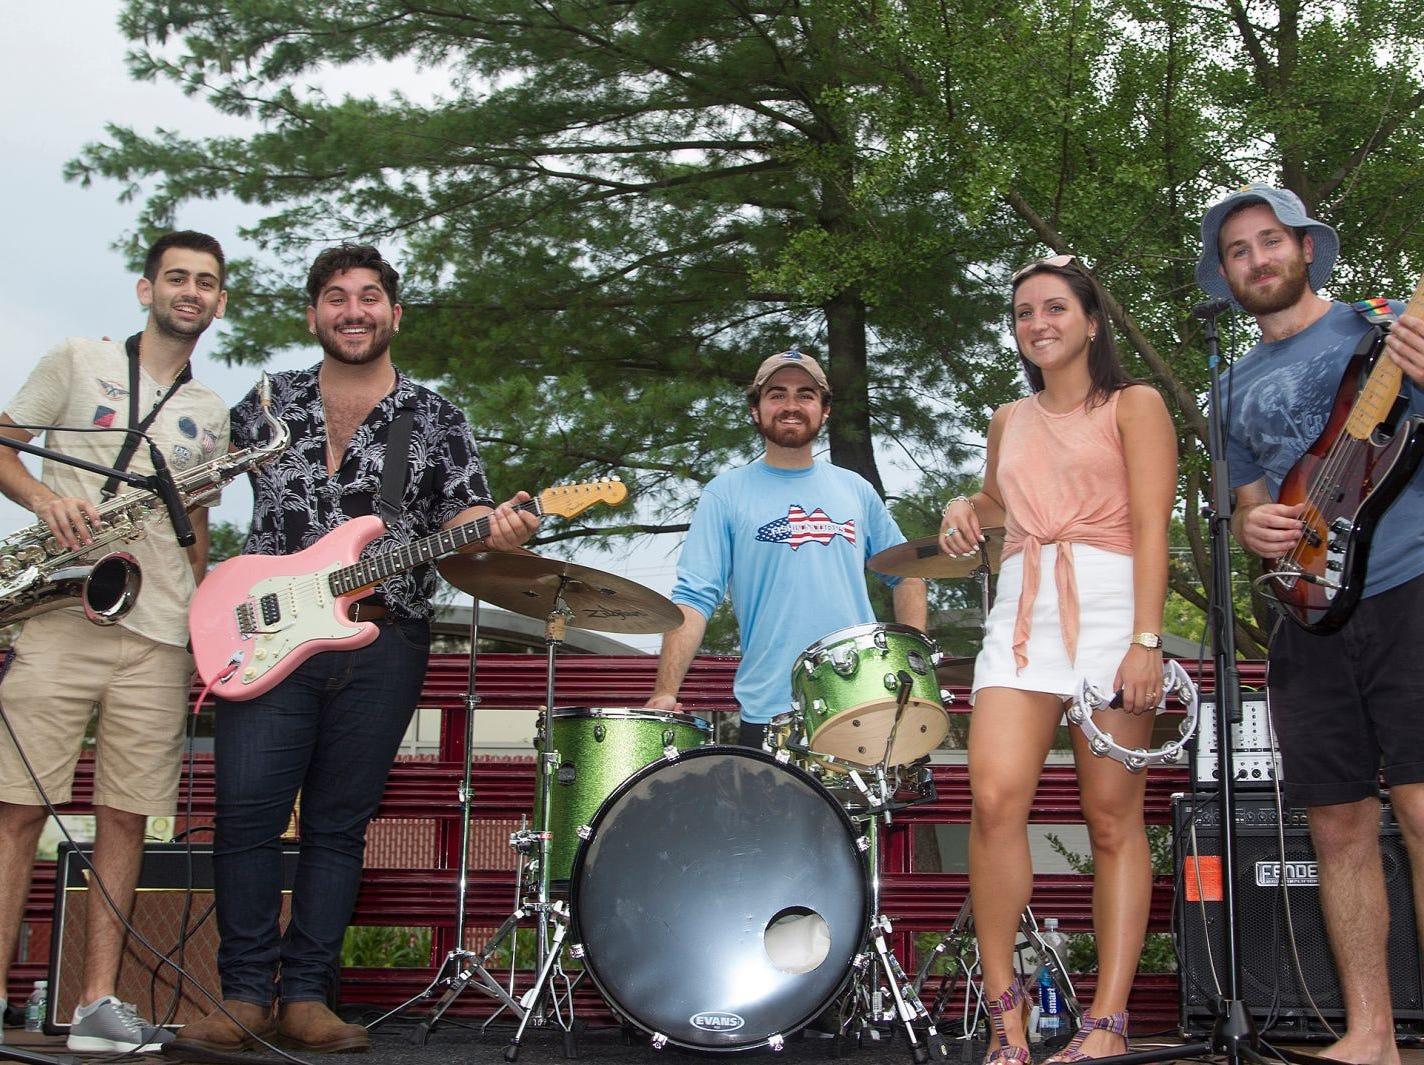 Band DASG. Paramus National Night Out 2018 behind Paramus Library. 08/07/2018